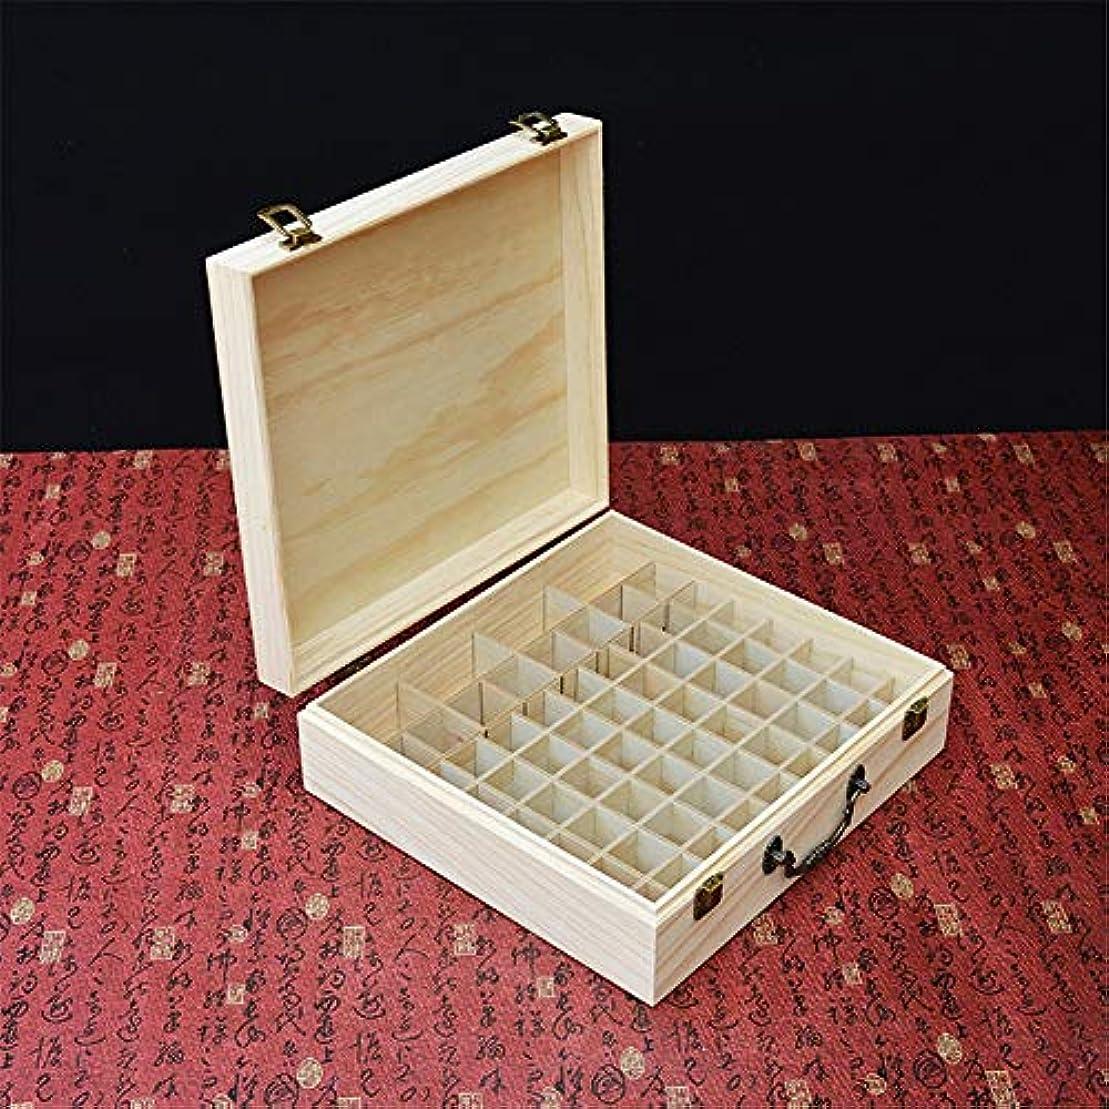 によってハウスエゴマニアエッセンシャルオイルの保管 旅行やプレゼンテーションのために66スロット木製エッセンシャルオイルストレージボックスパーフェクト (色 : Natural, サイズ : 31.5X29X10CM)